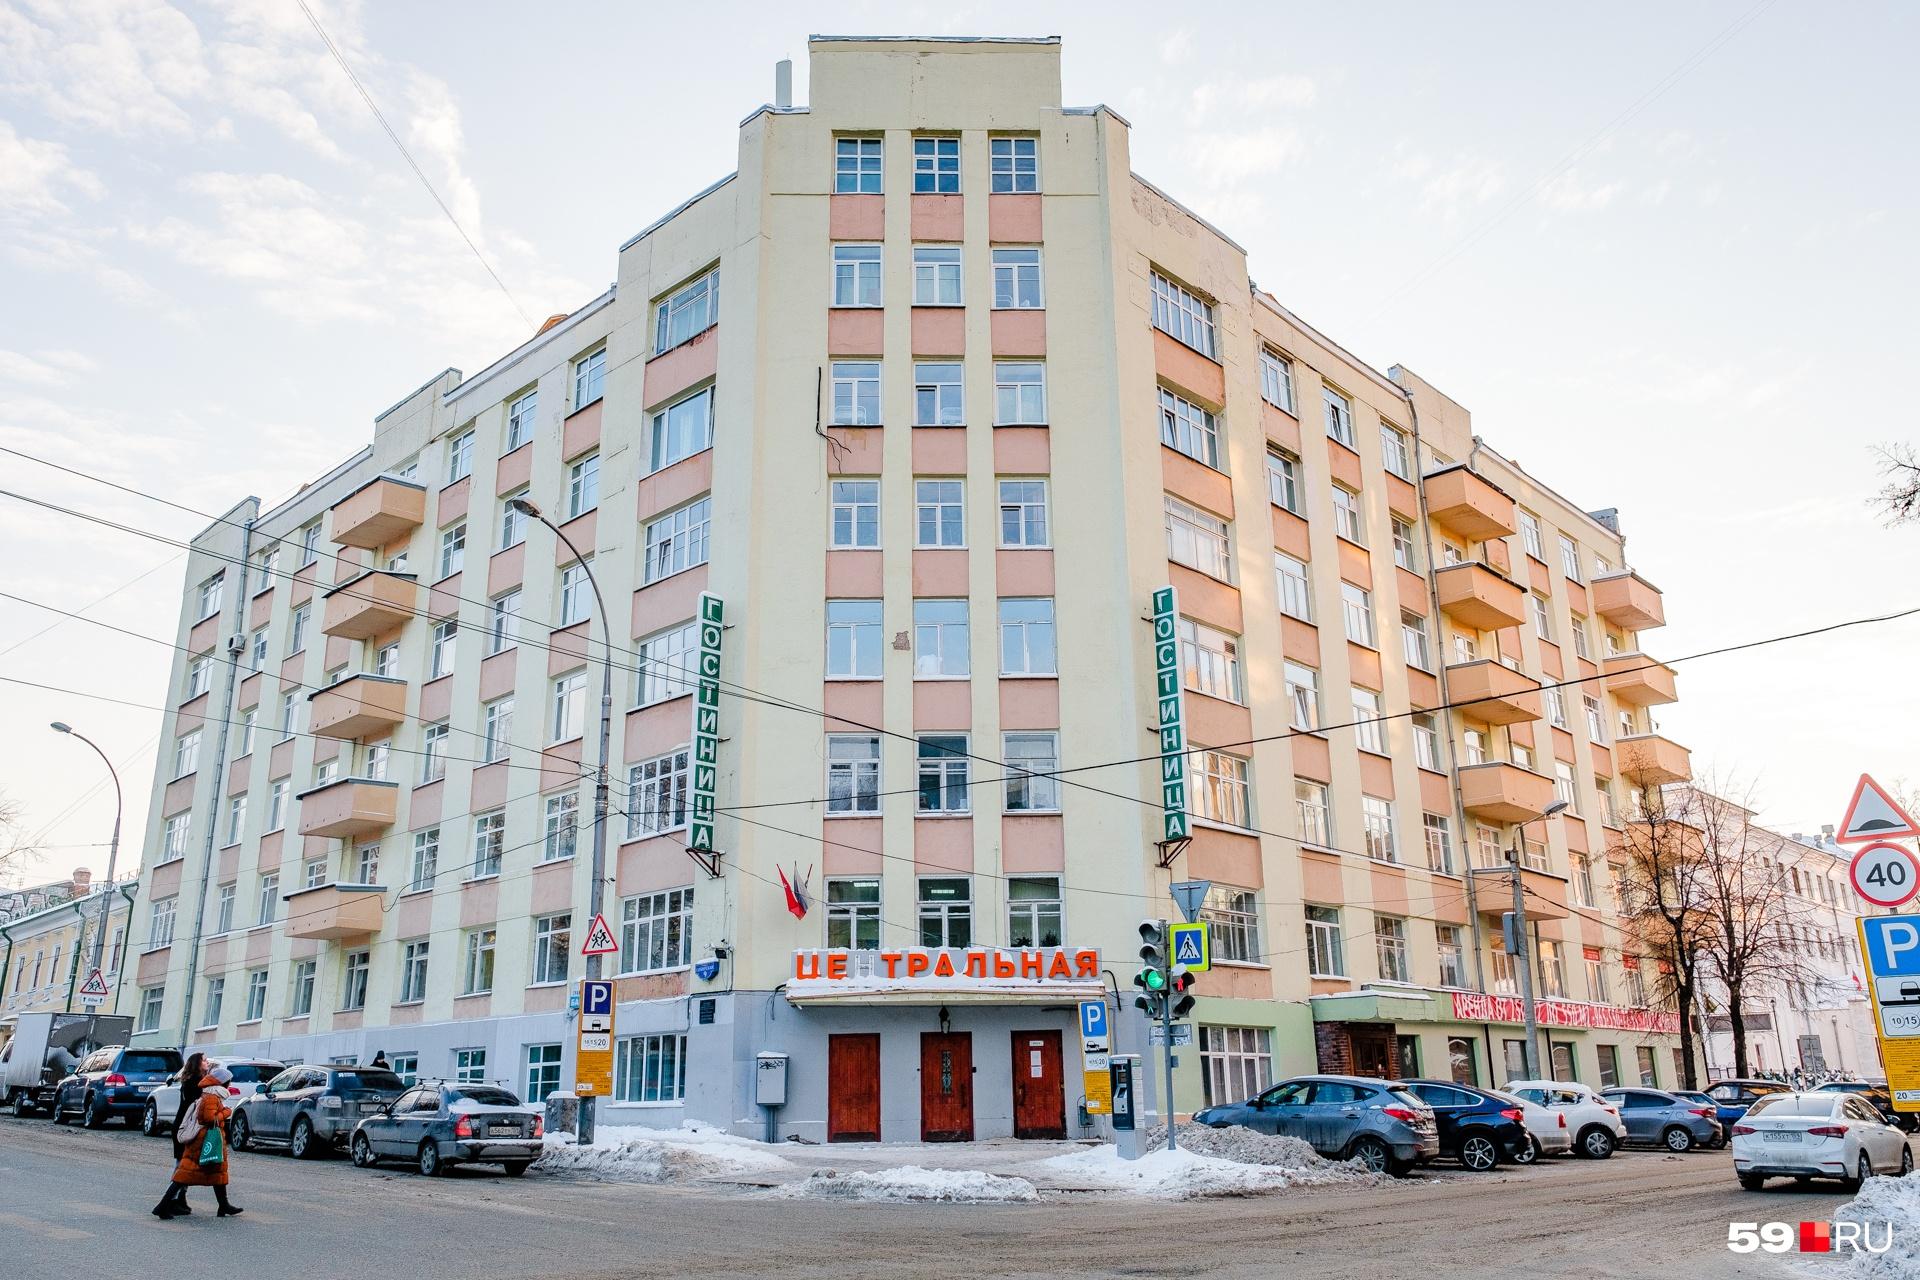 Пермская «семиэтажка» — одно из известных зданий в Перми